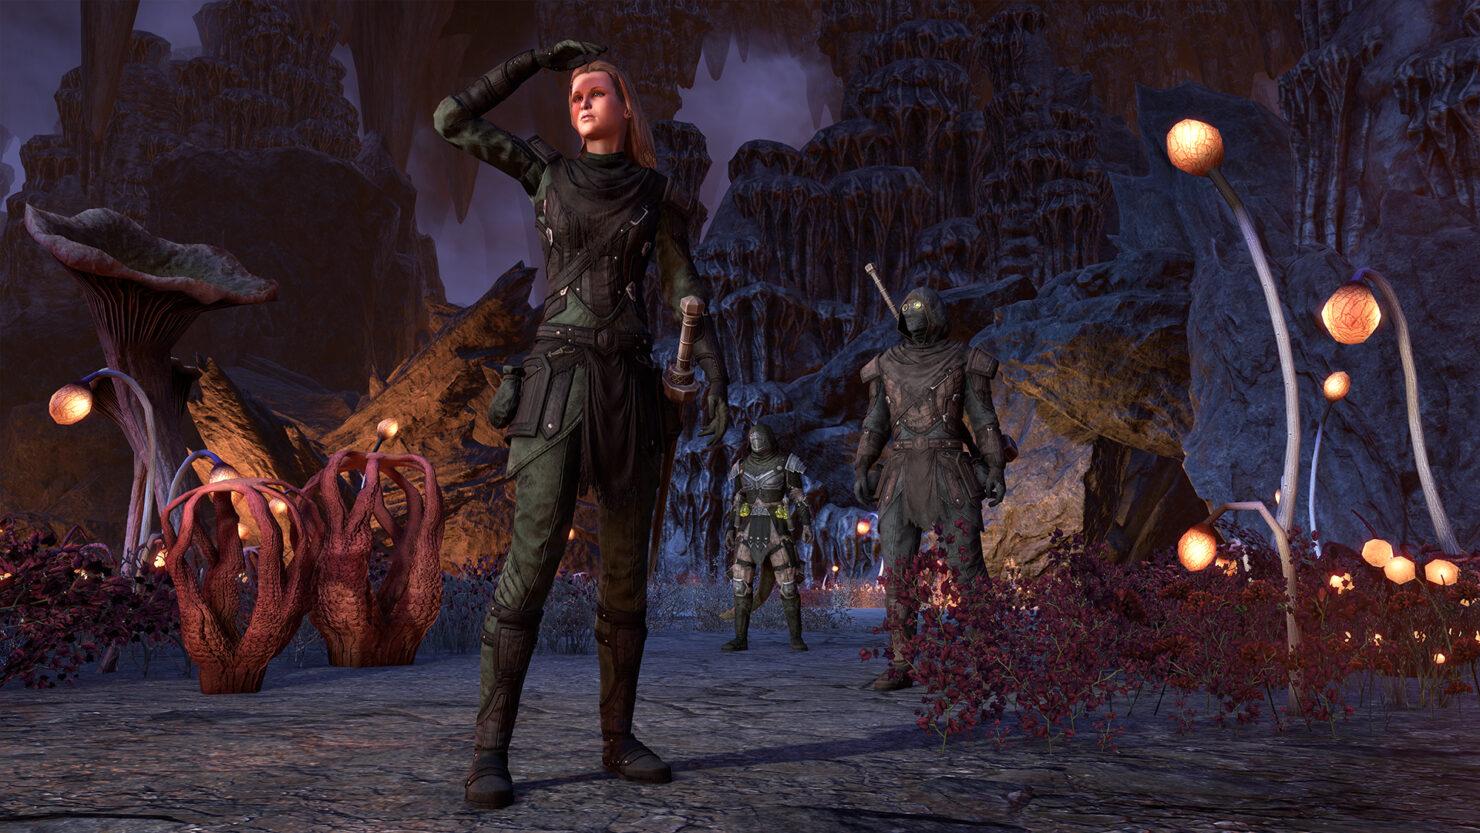 thecauldron_exploringthedepth_1920x1080-25074660085271ec4fa4-00339982